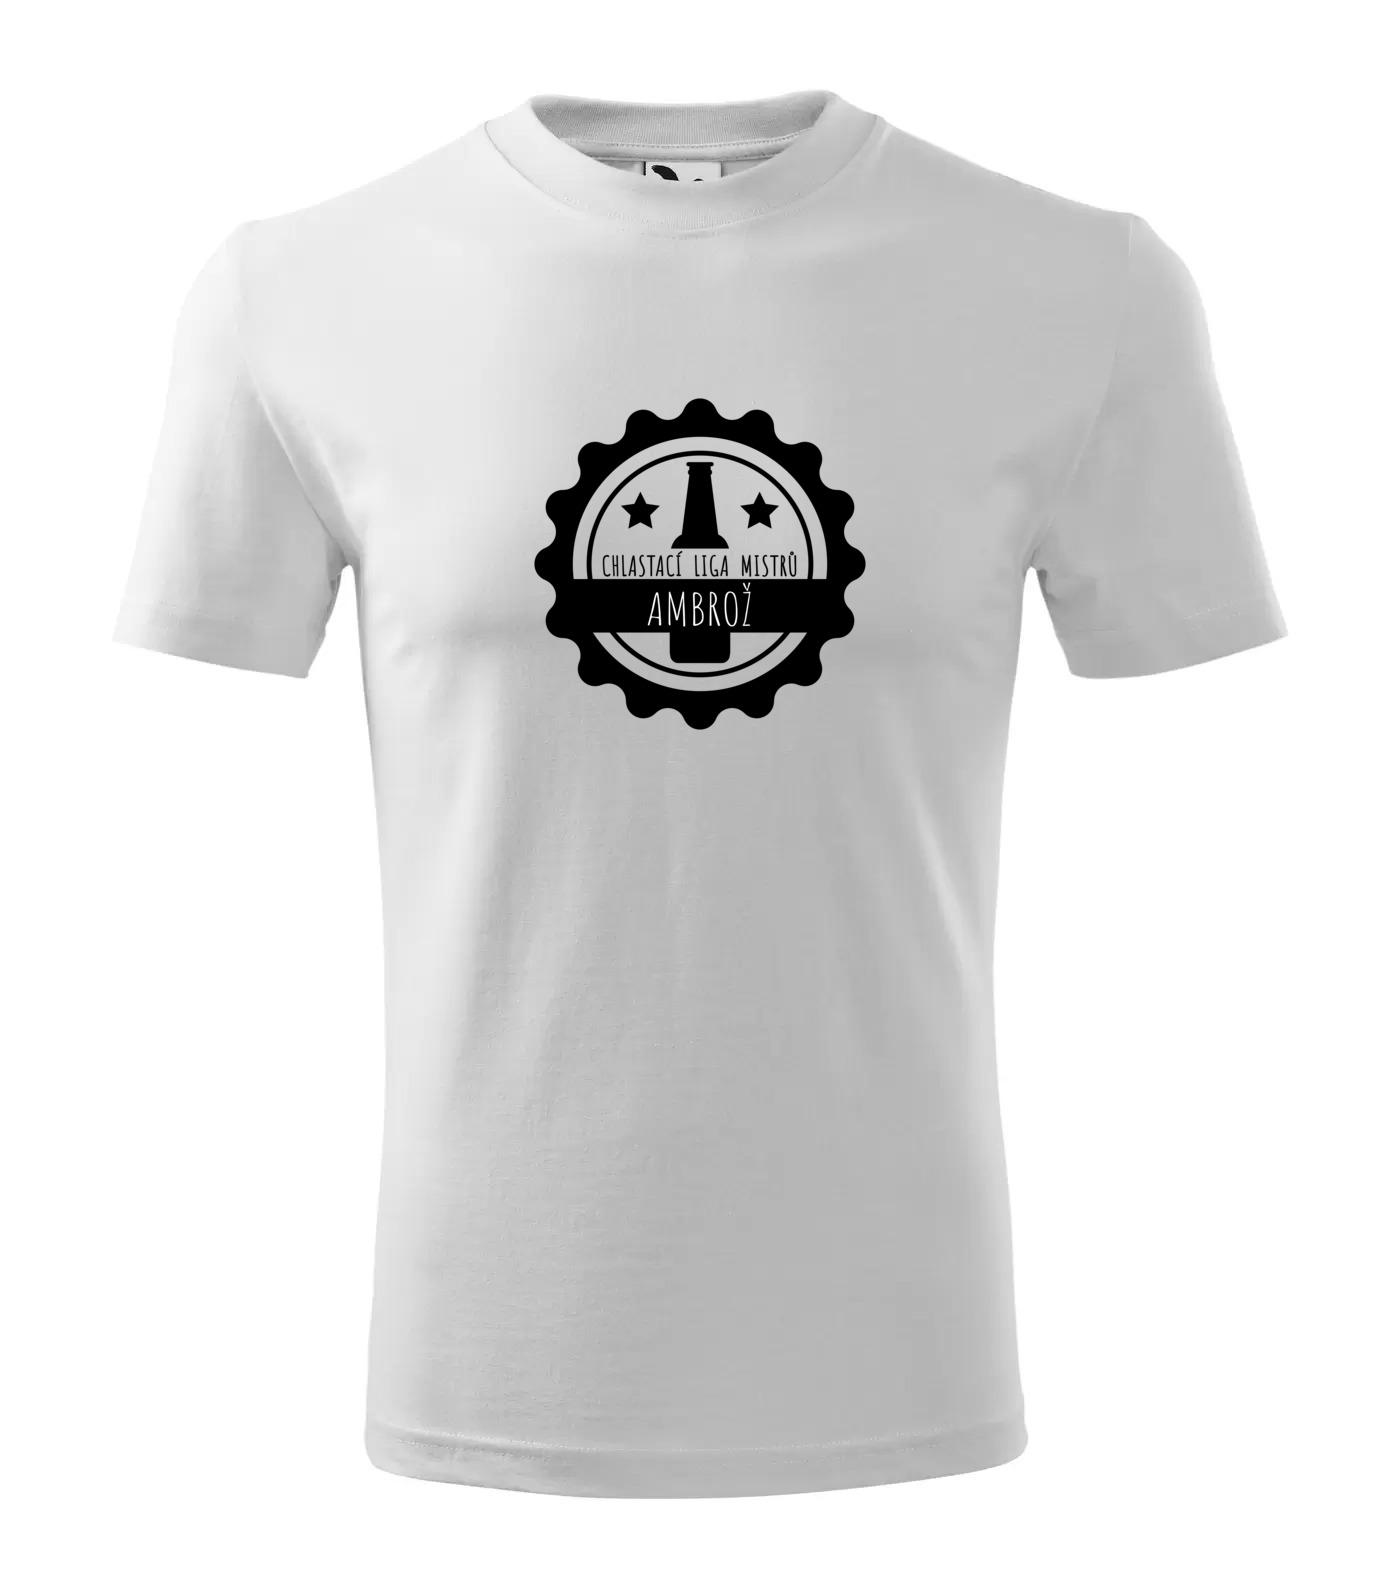 Tričko Chlastací liga mužů Ambrož